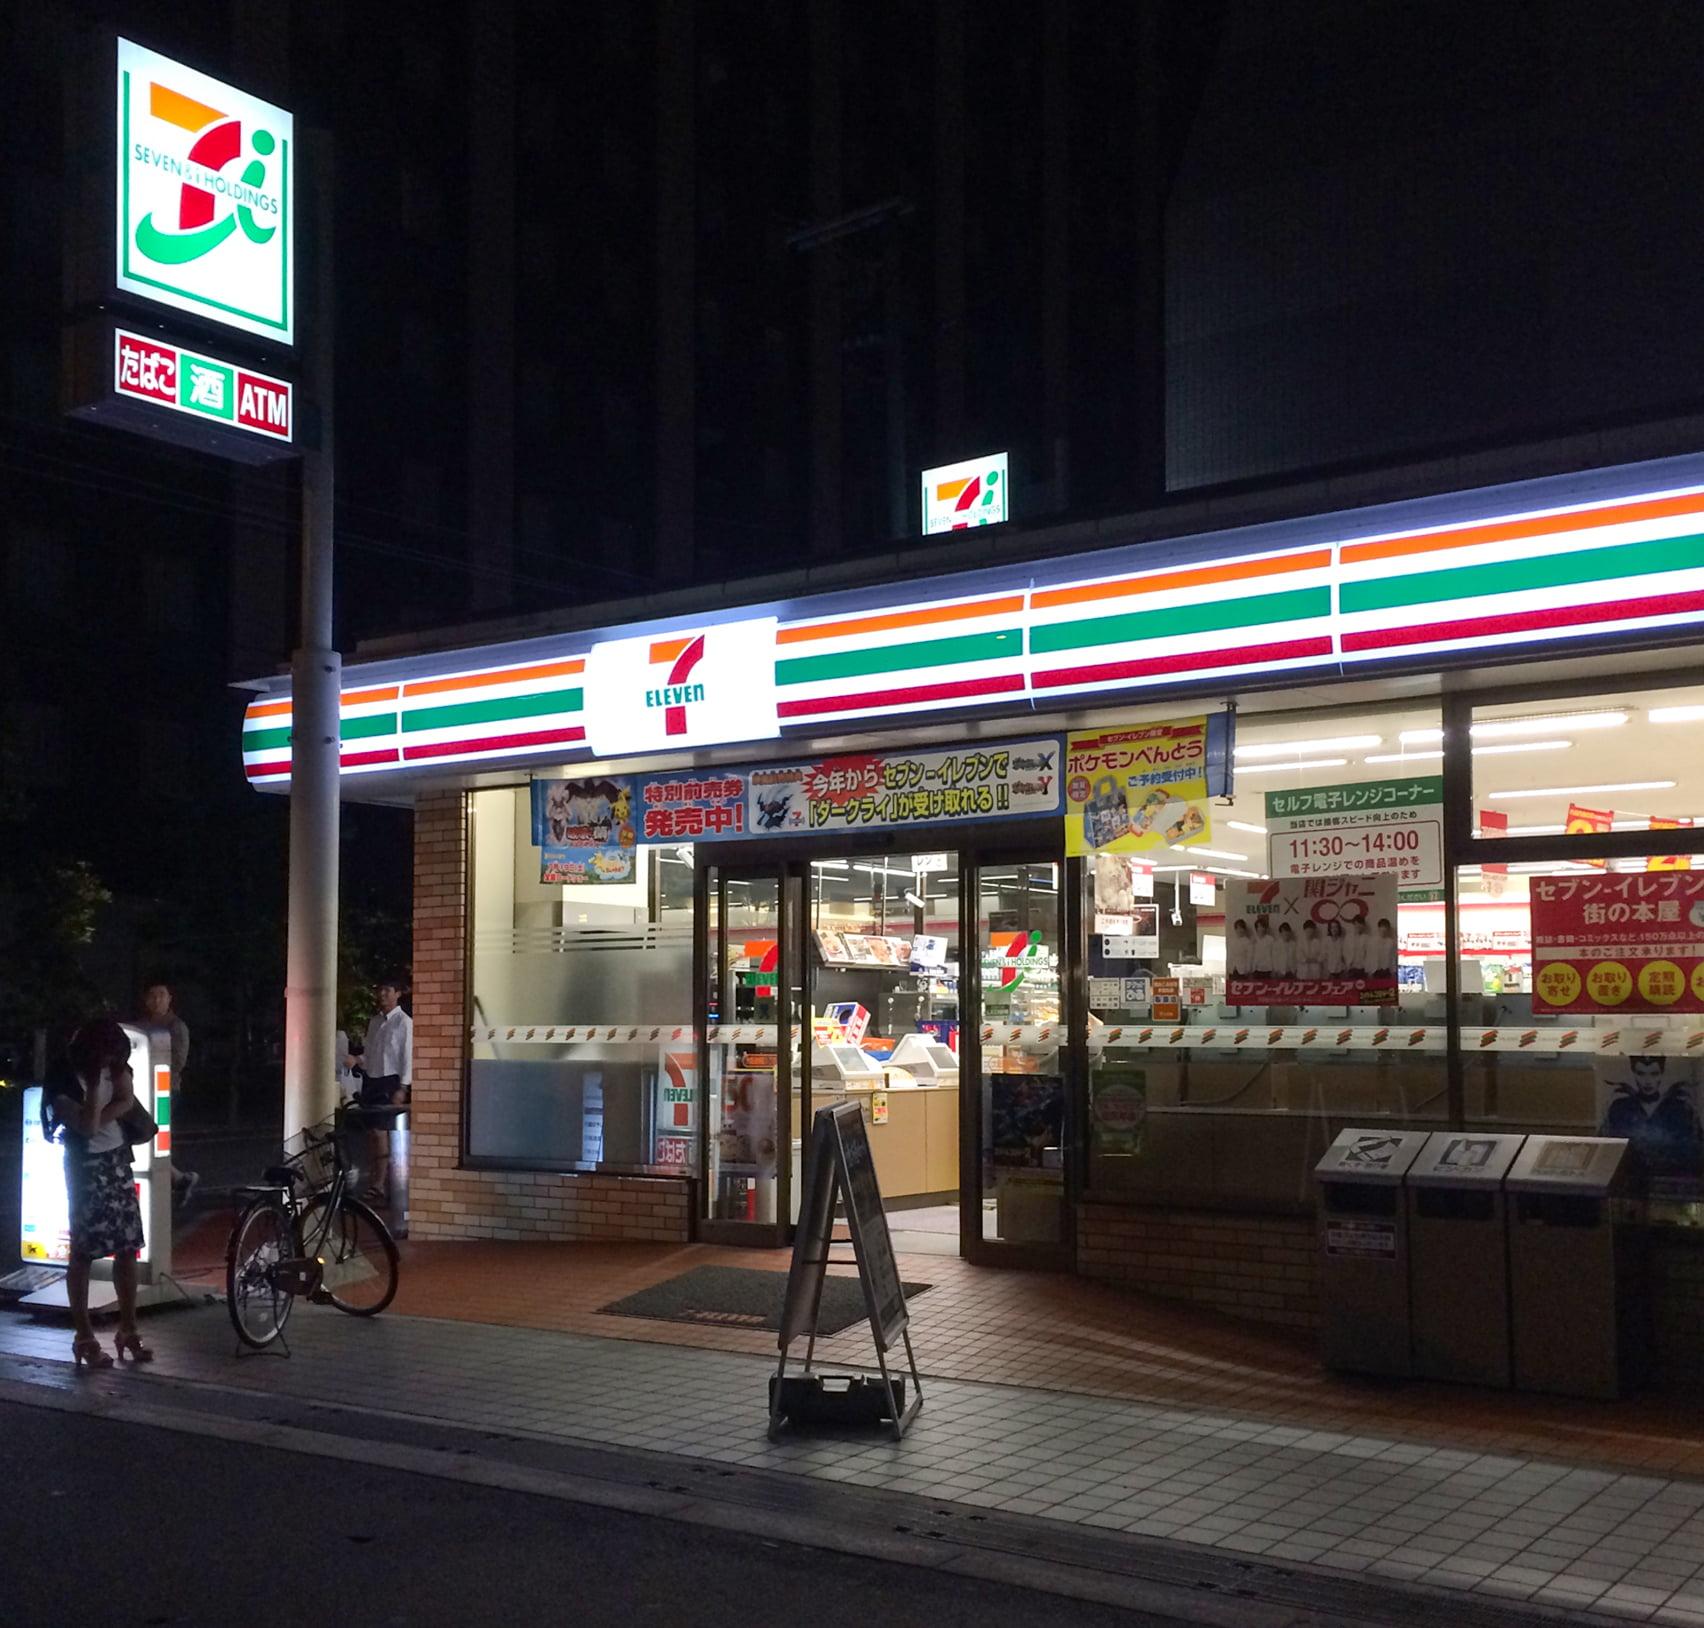 日本便利商店 7-11(セブン‐イレブン)開始提供店內多國語言購物電話服務